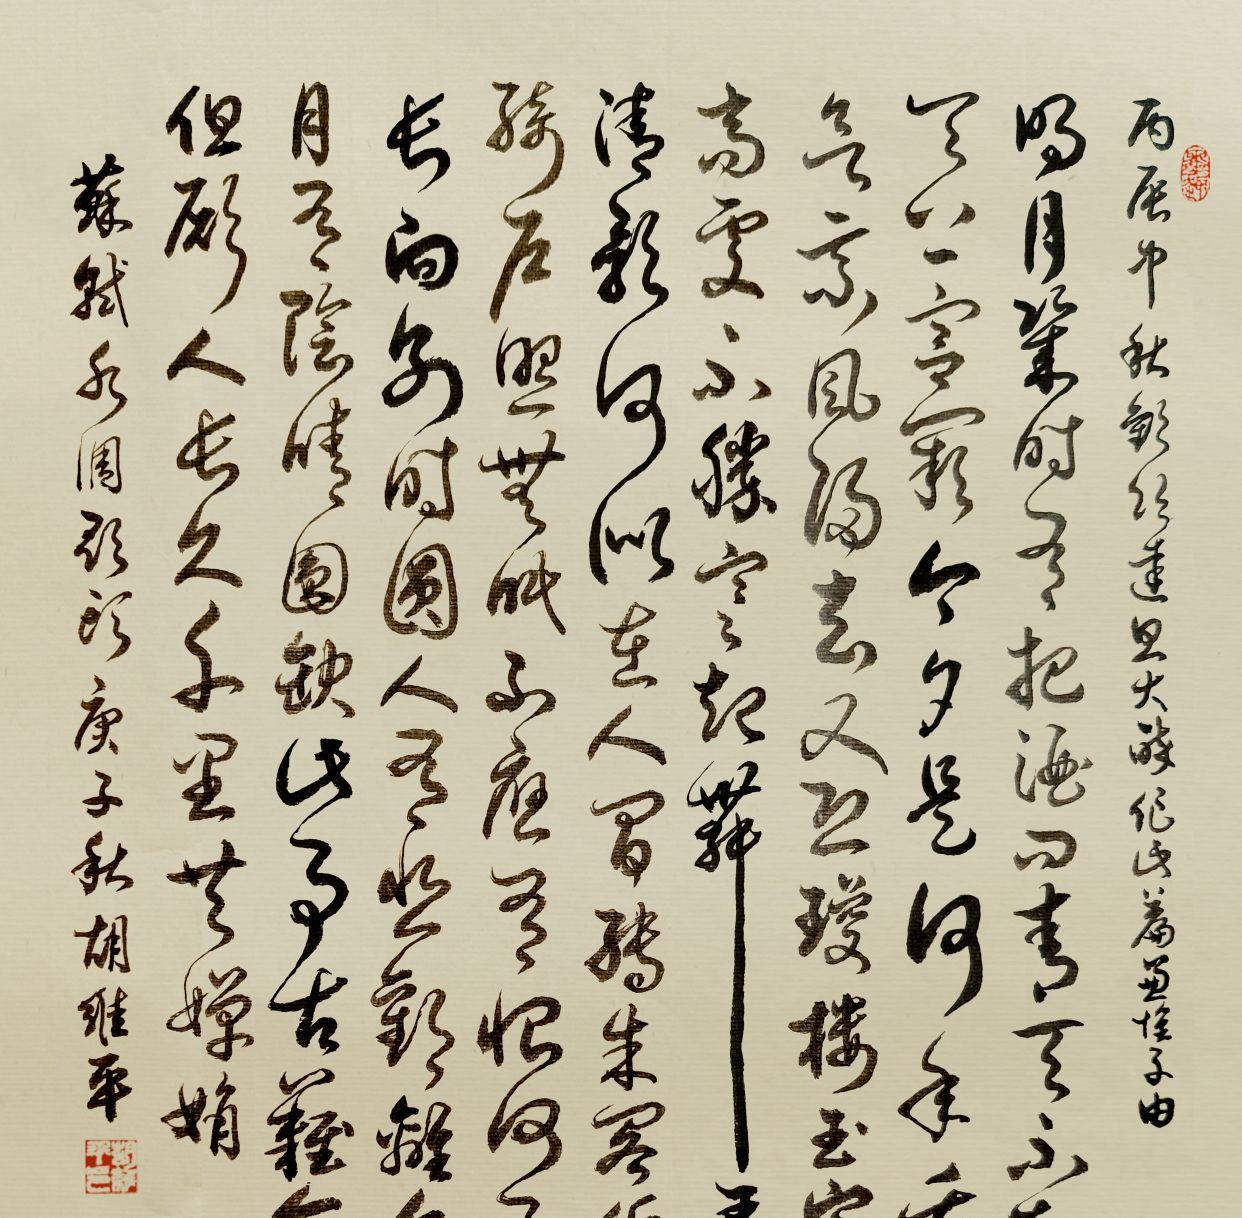 当代书法名家胡维平草书 苏轼《水调歌头·明月几时有》